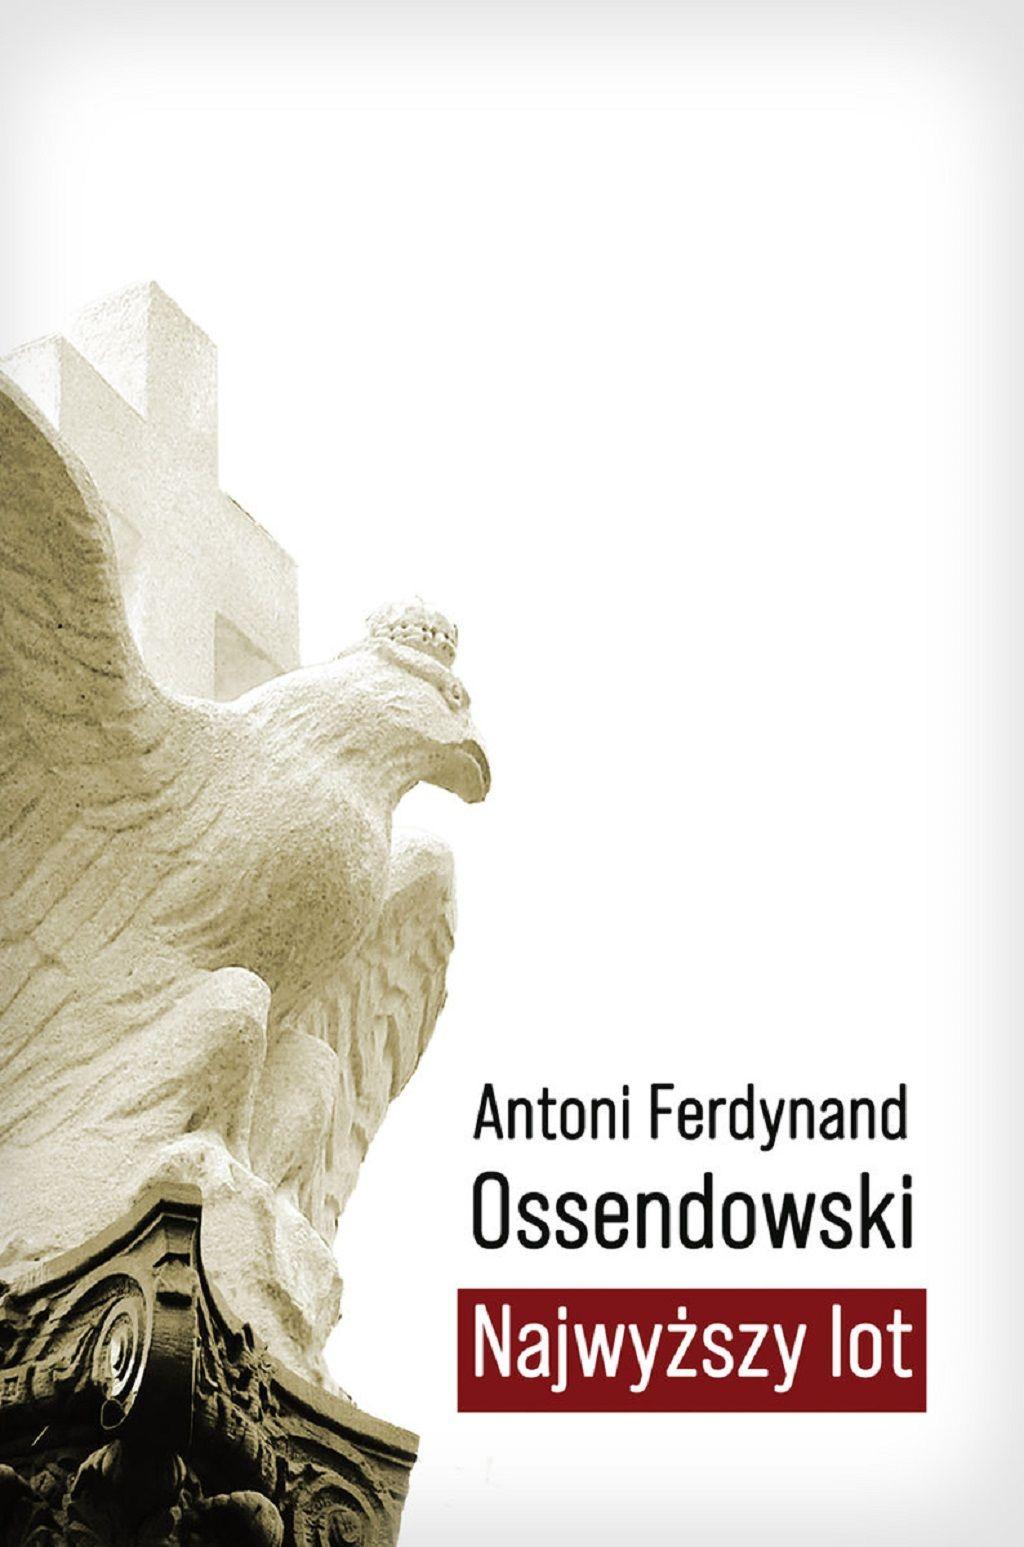 Antoni Ferdynand Ossendowski – Najwyższy lot